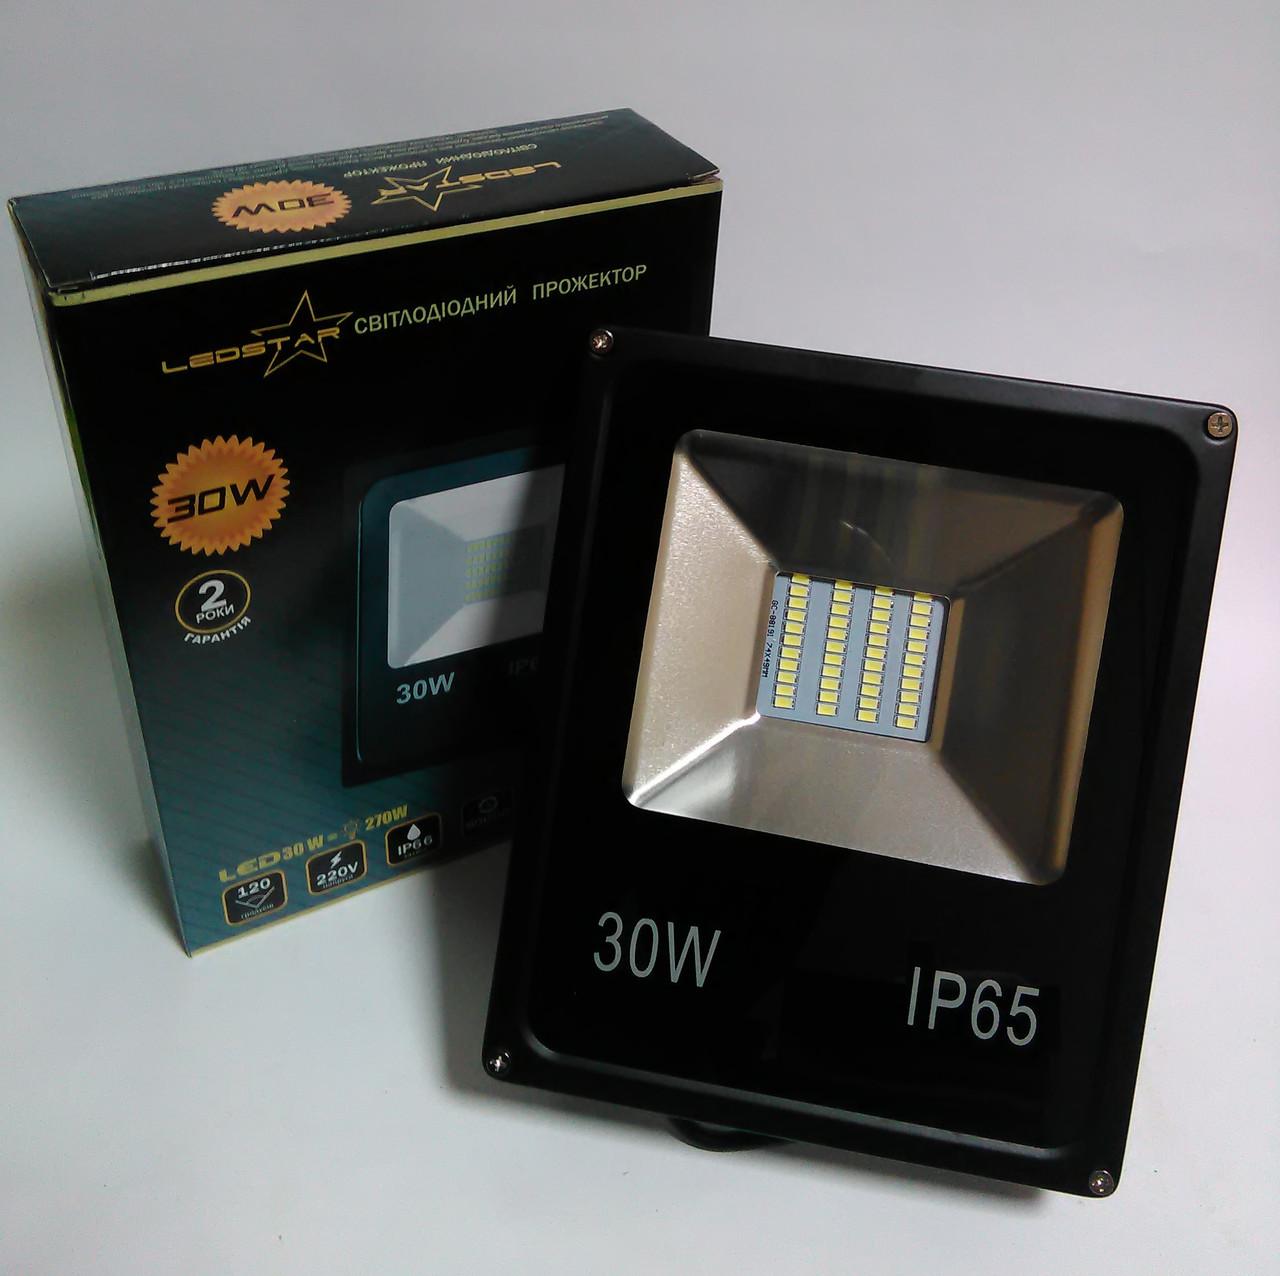 Светодиодный прожектор 30W STANDART серия SMD slim 6500K 1950lm